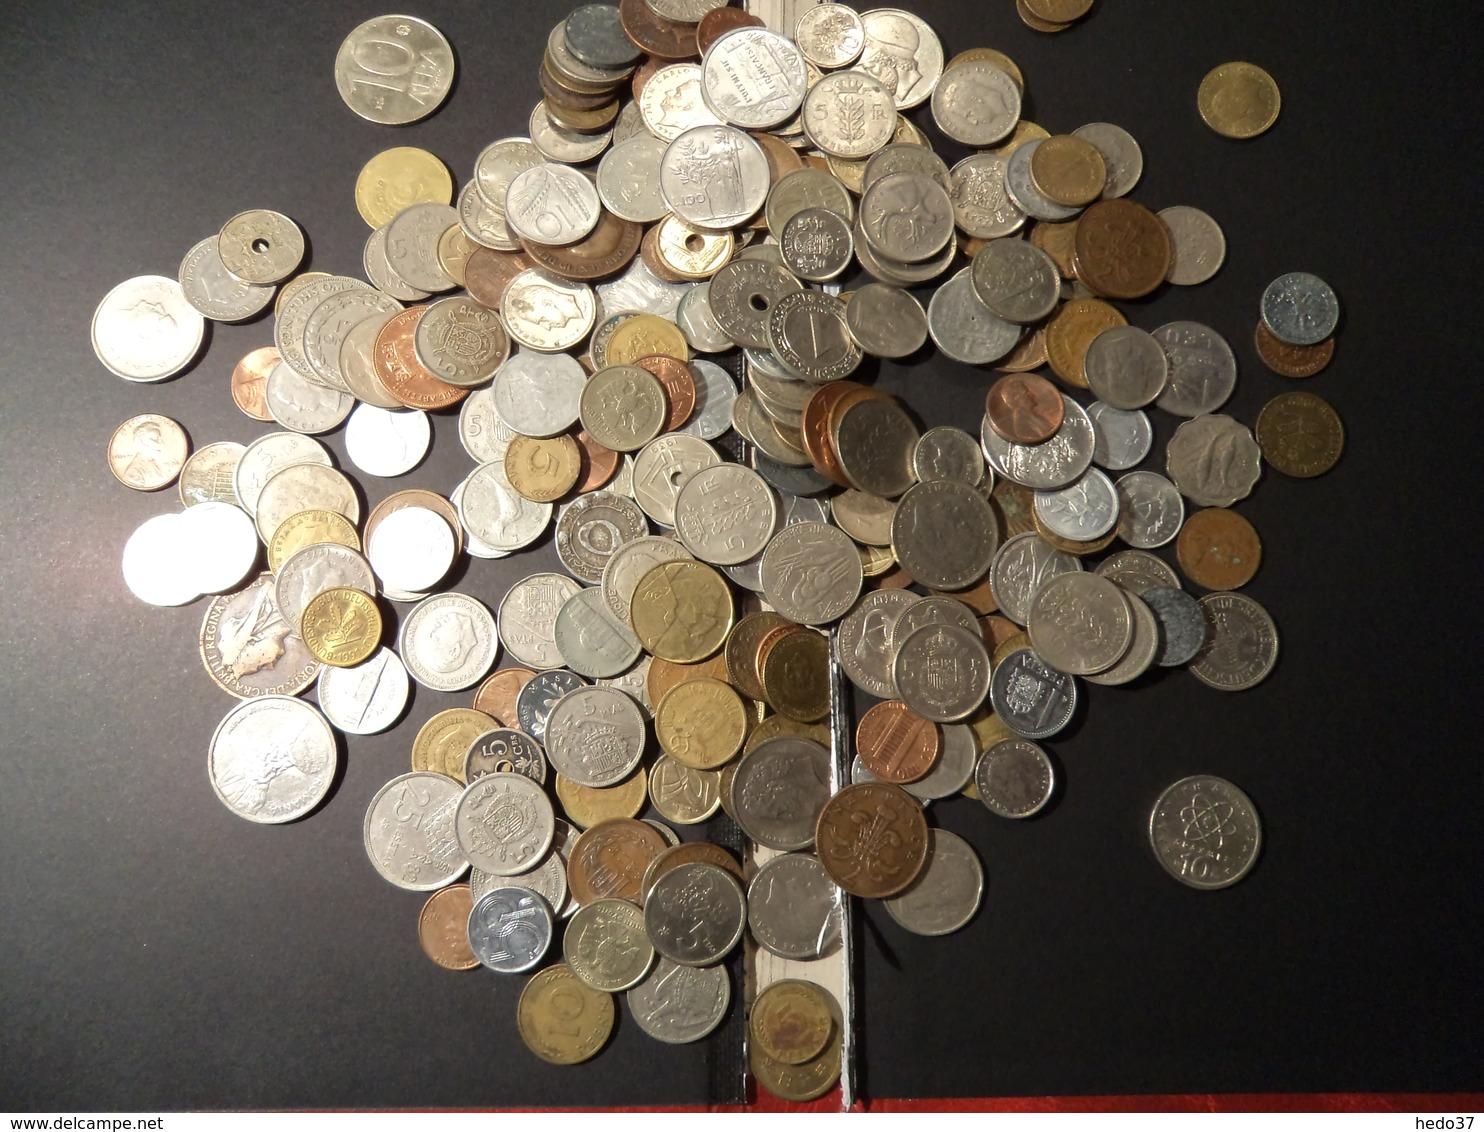 1 Kilo - Monnaies Tous Pays à Trier - Kilowaar - Munten